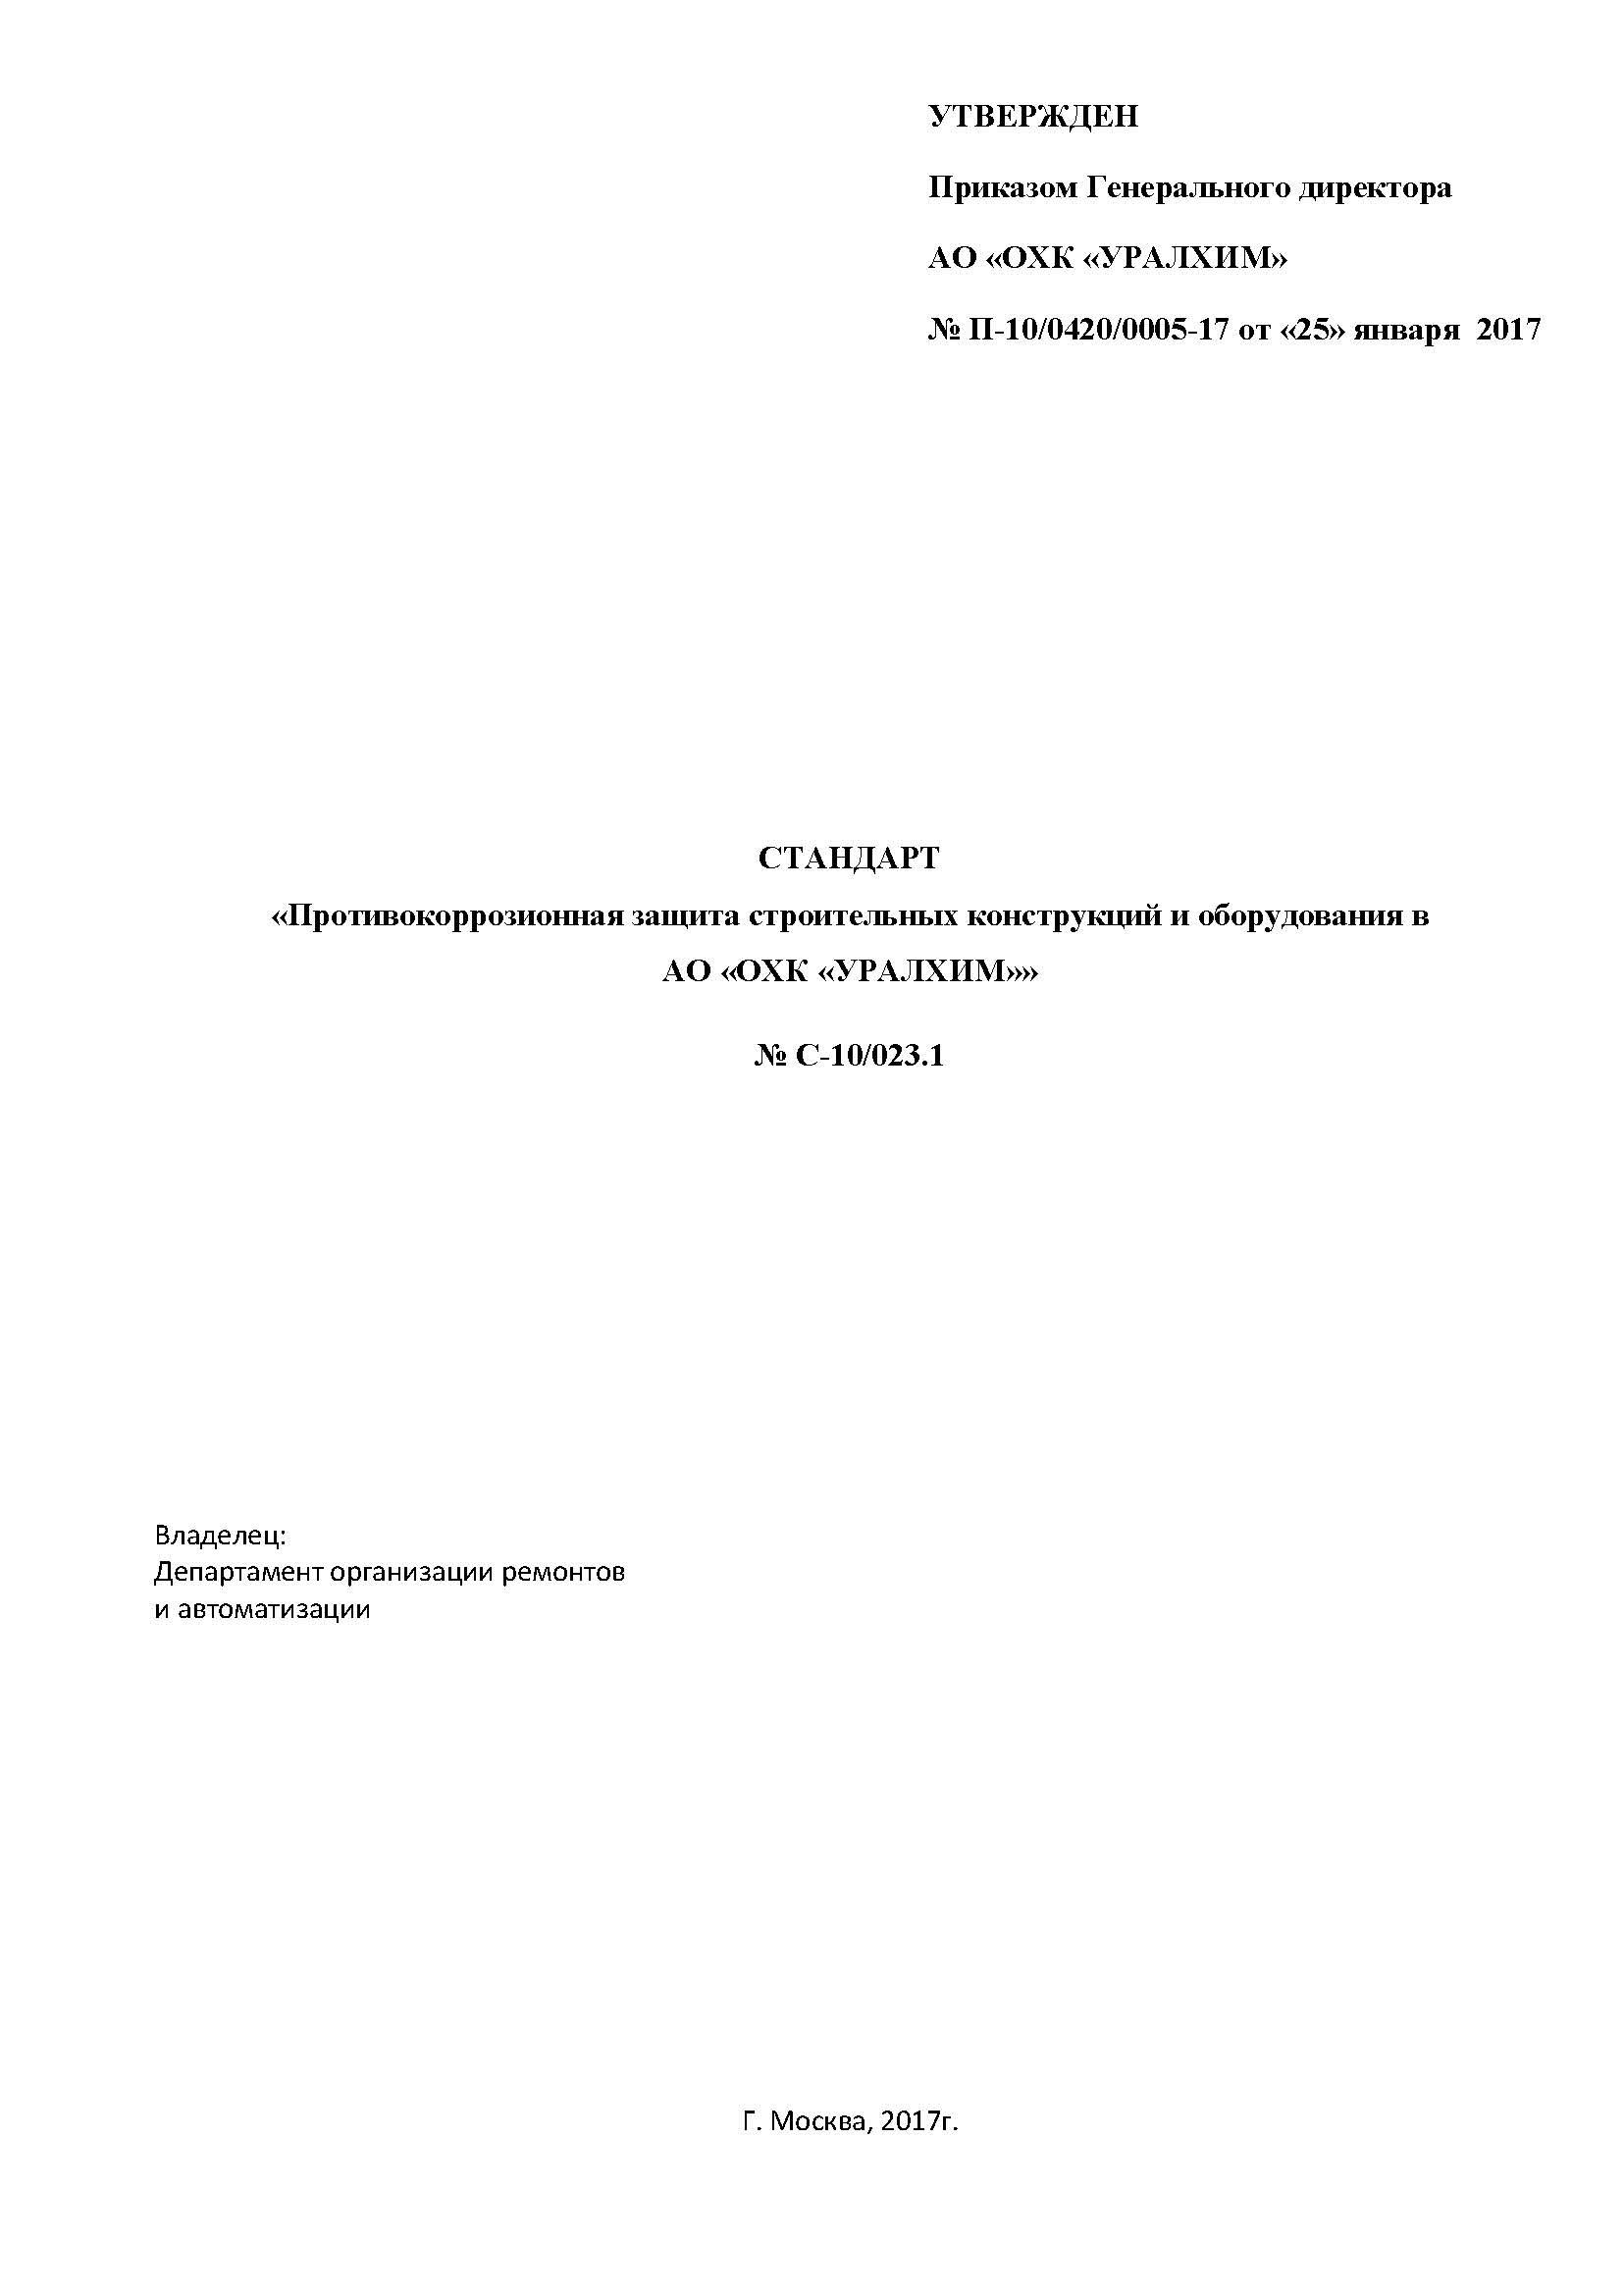 Выписка из Стандарта Противокоррозионная защита строительных конструкций и оборудования АО ОХК УРЛХИМ_Страница_01